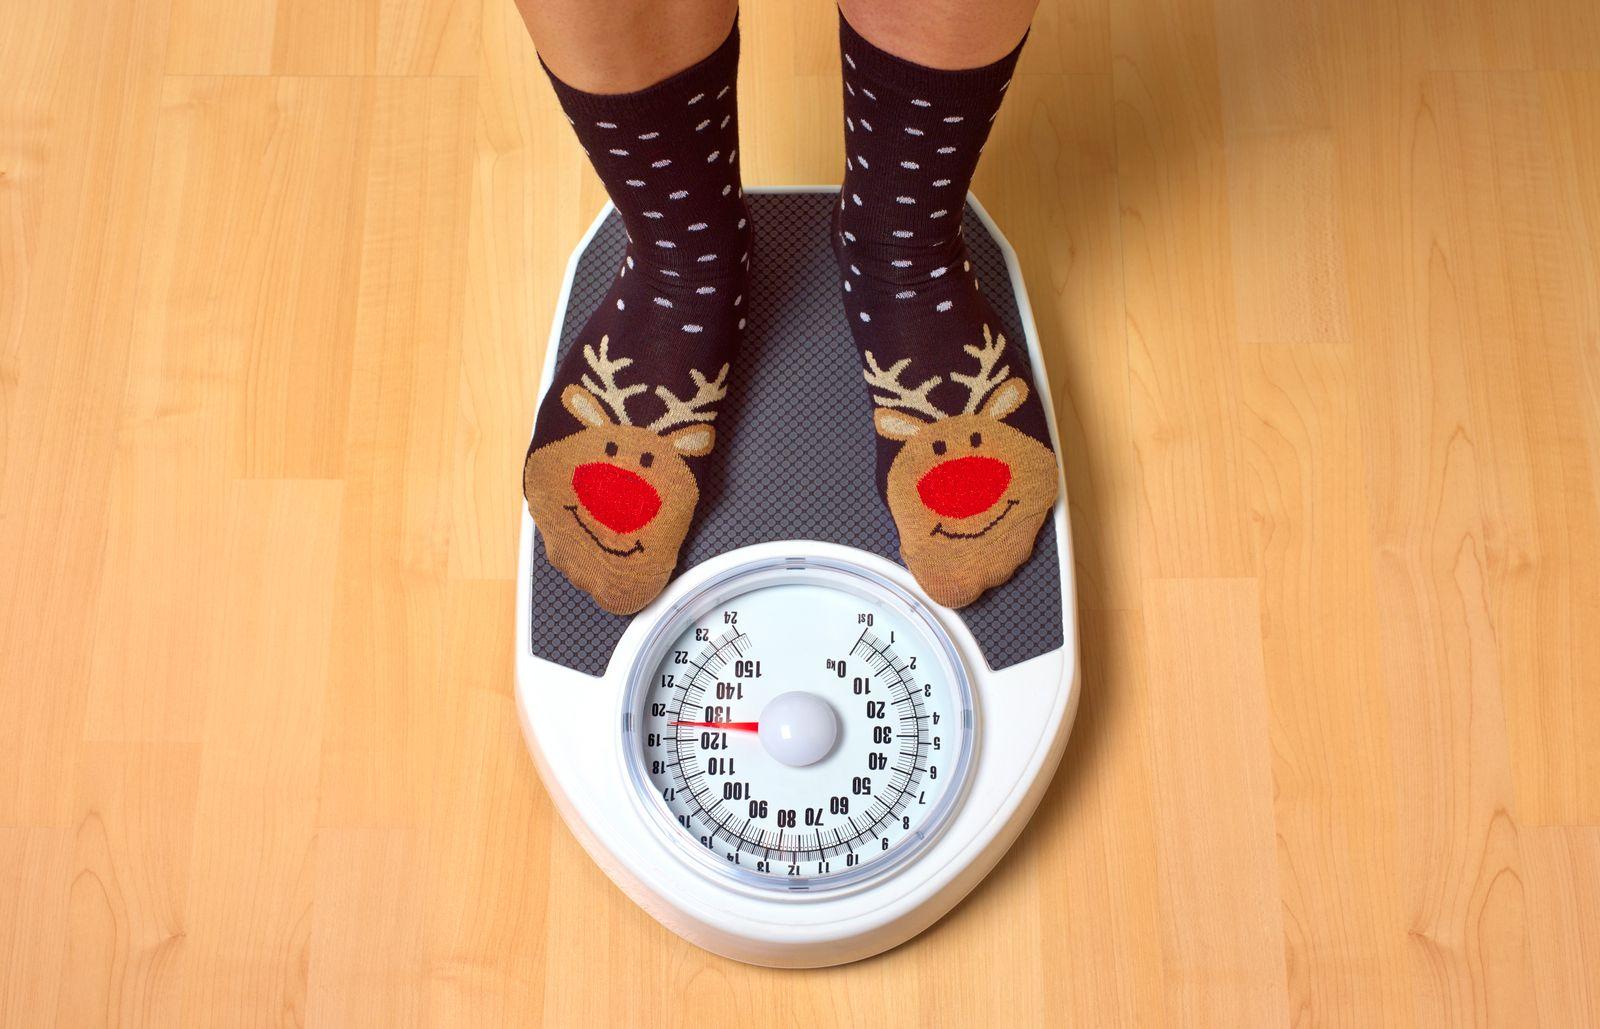 EINMALIGE VERWENDUNG EXPIREN 03.12.2024 After Christmas dieting